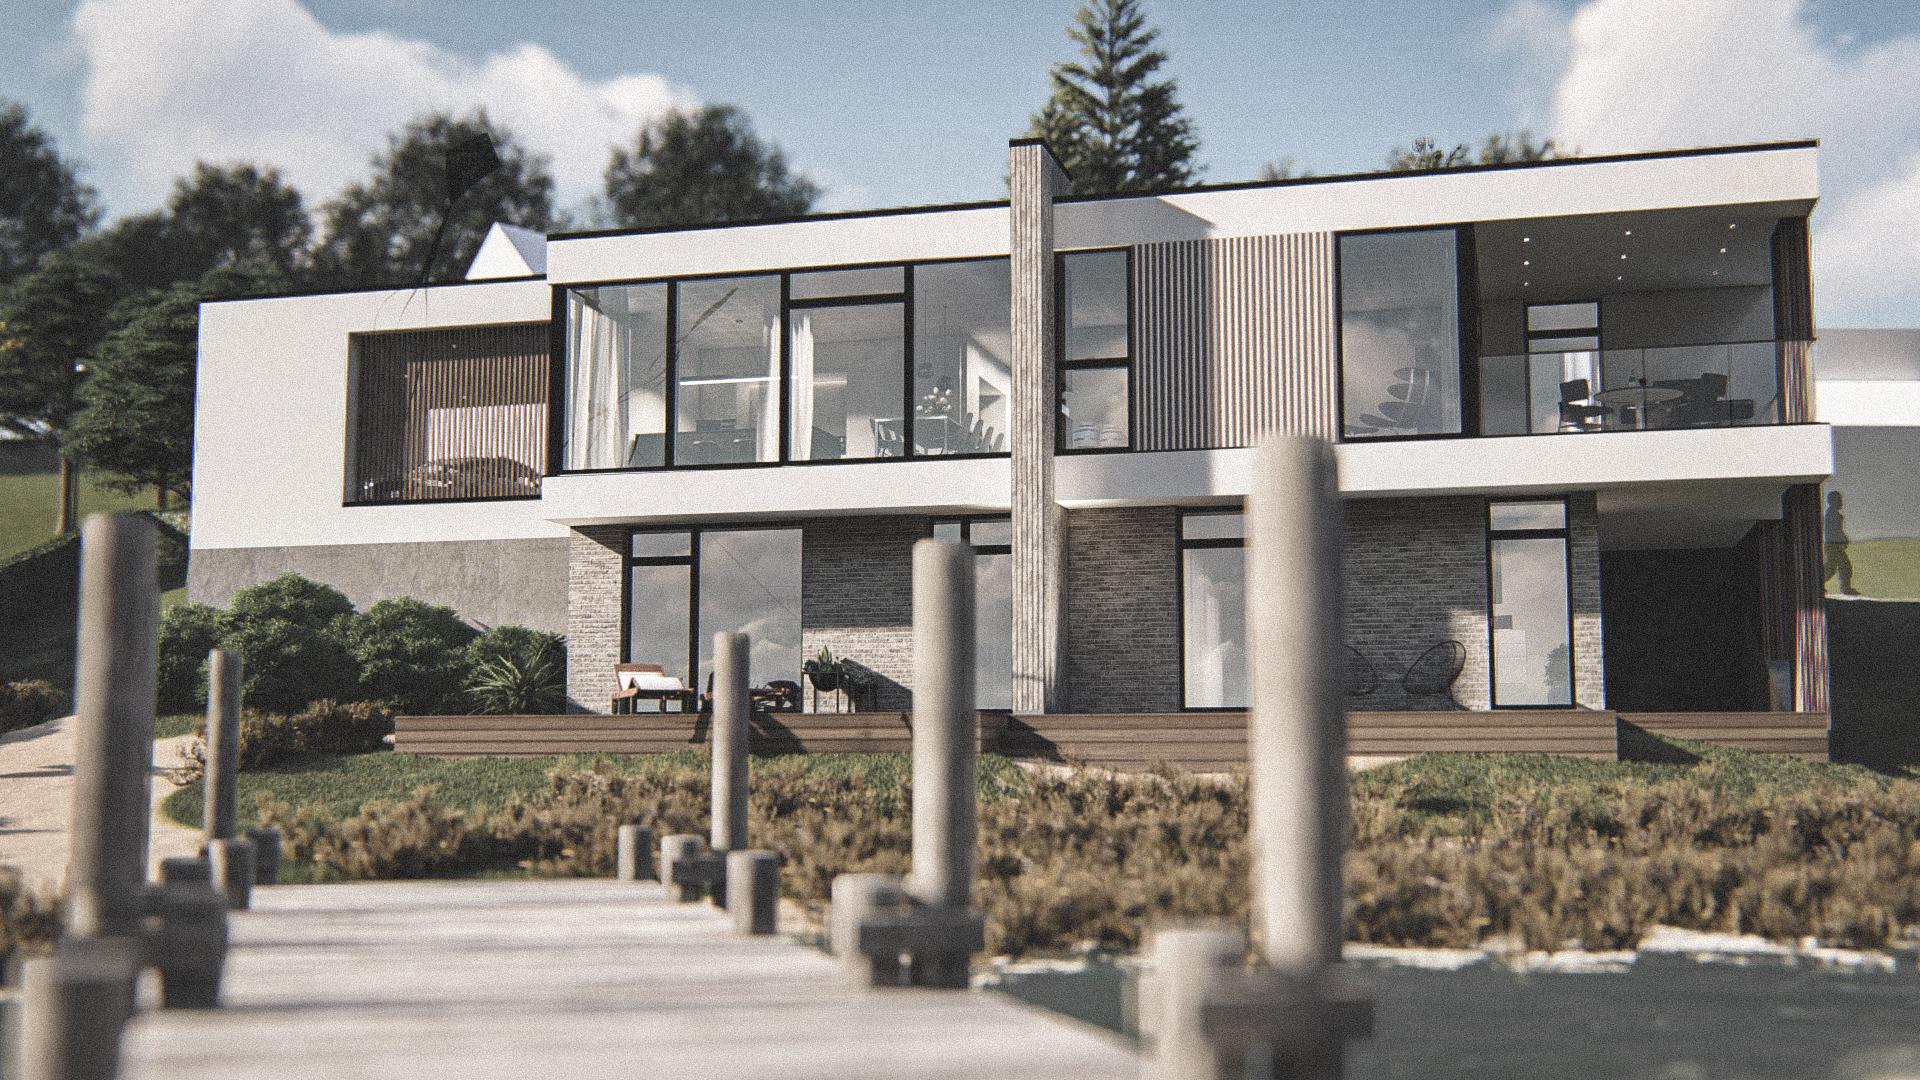 Billede af Dansk arkitekttegnet 2 plan villa af arkitektfirmaet m2plus, i Viborg på 206 kvartratmeter.